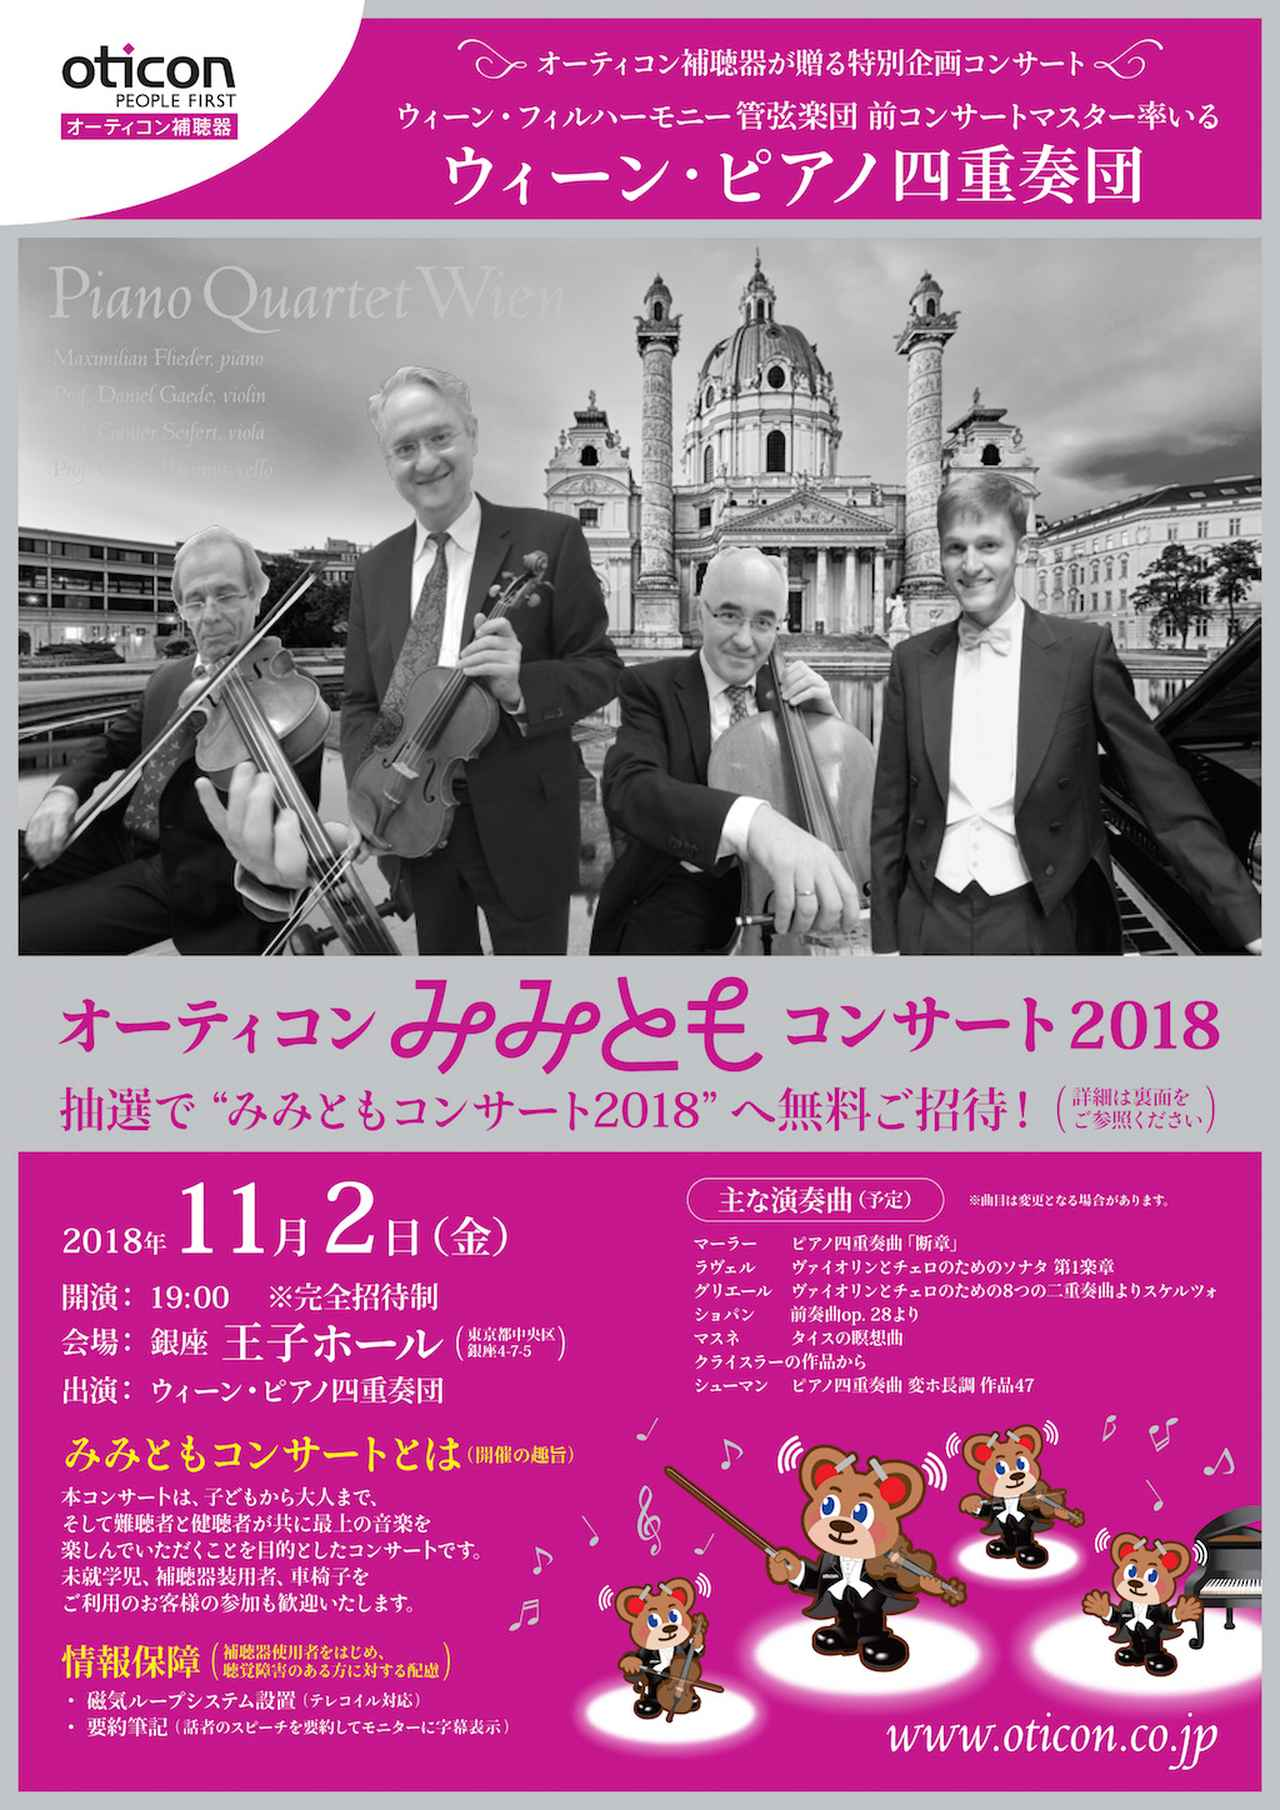 画像: 抽選で当選者を無料招待! クラシックコンサート オーティコン「みみともコンサート2018」銀座・王子ホール